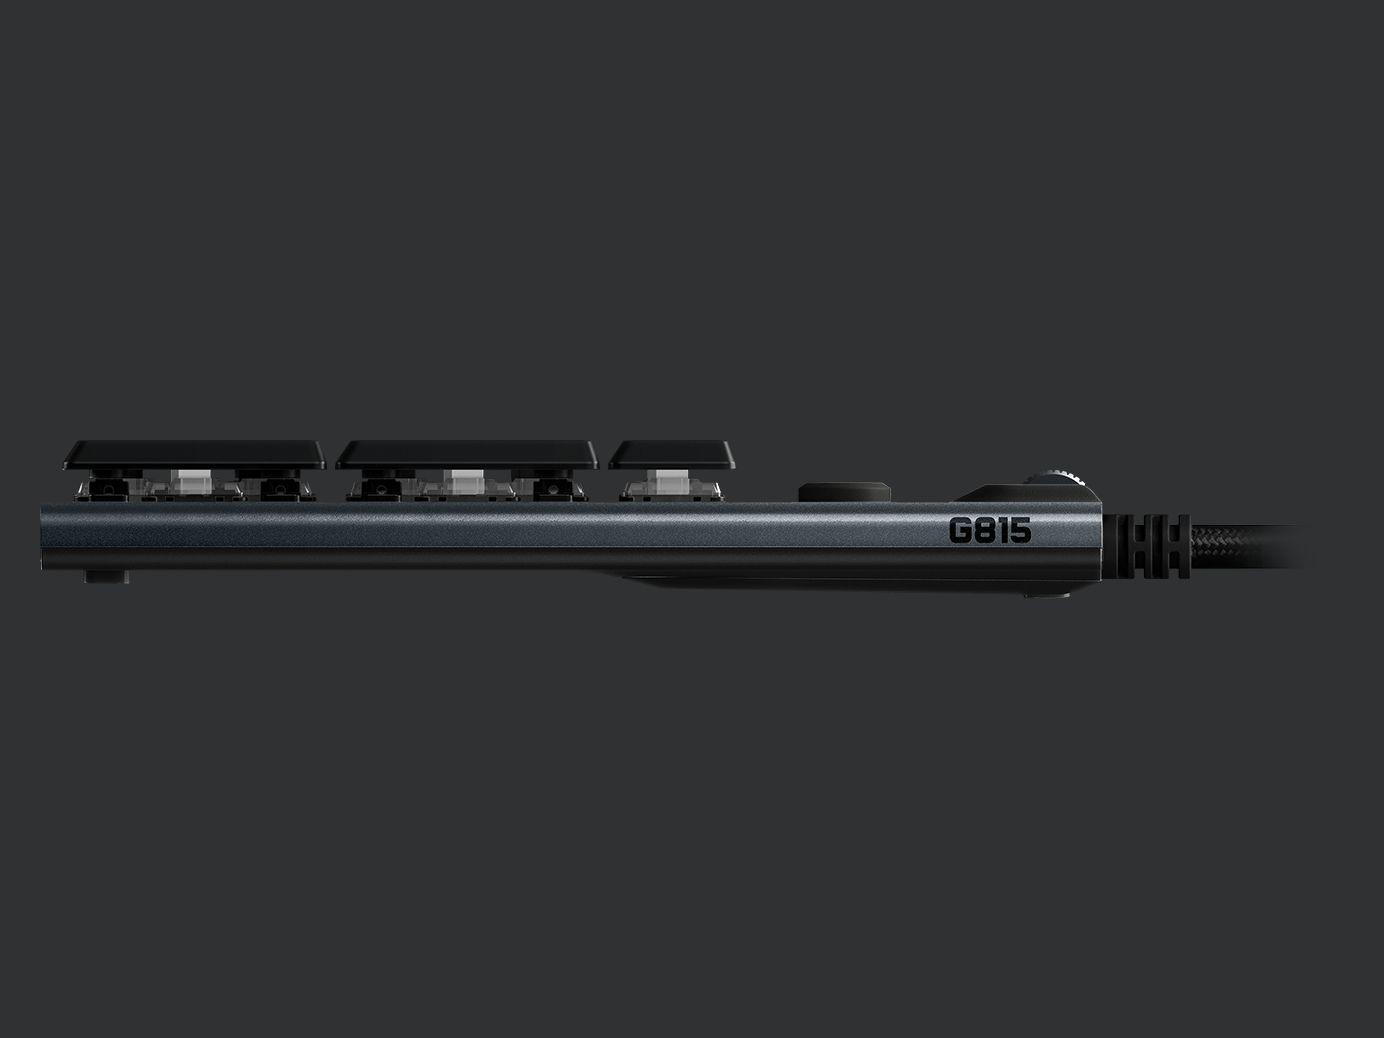 Bàn phím cơ Logitech G813 GL Clicky switch - Hàng chính hãng